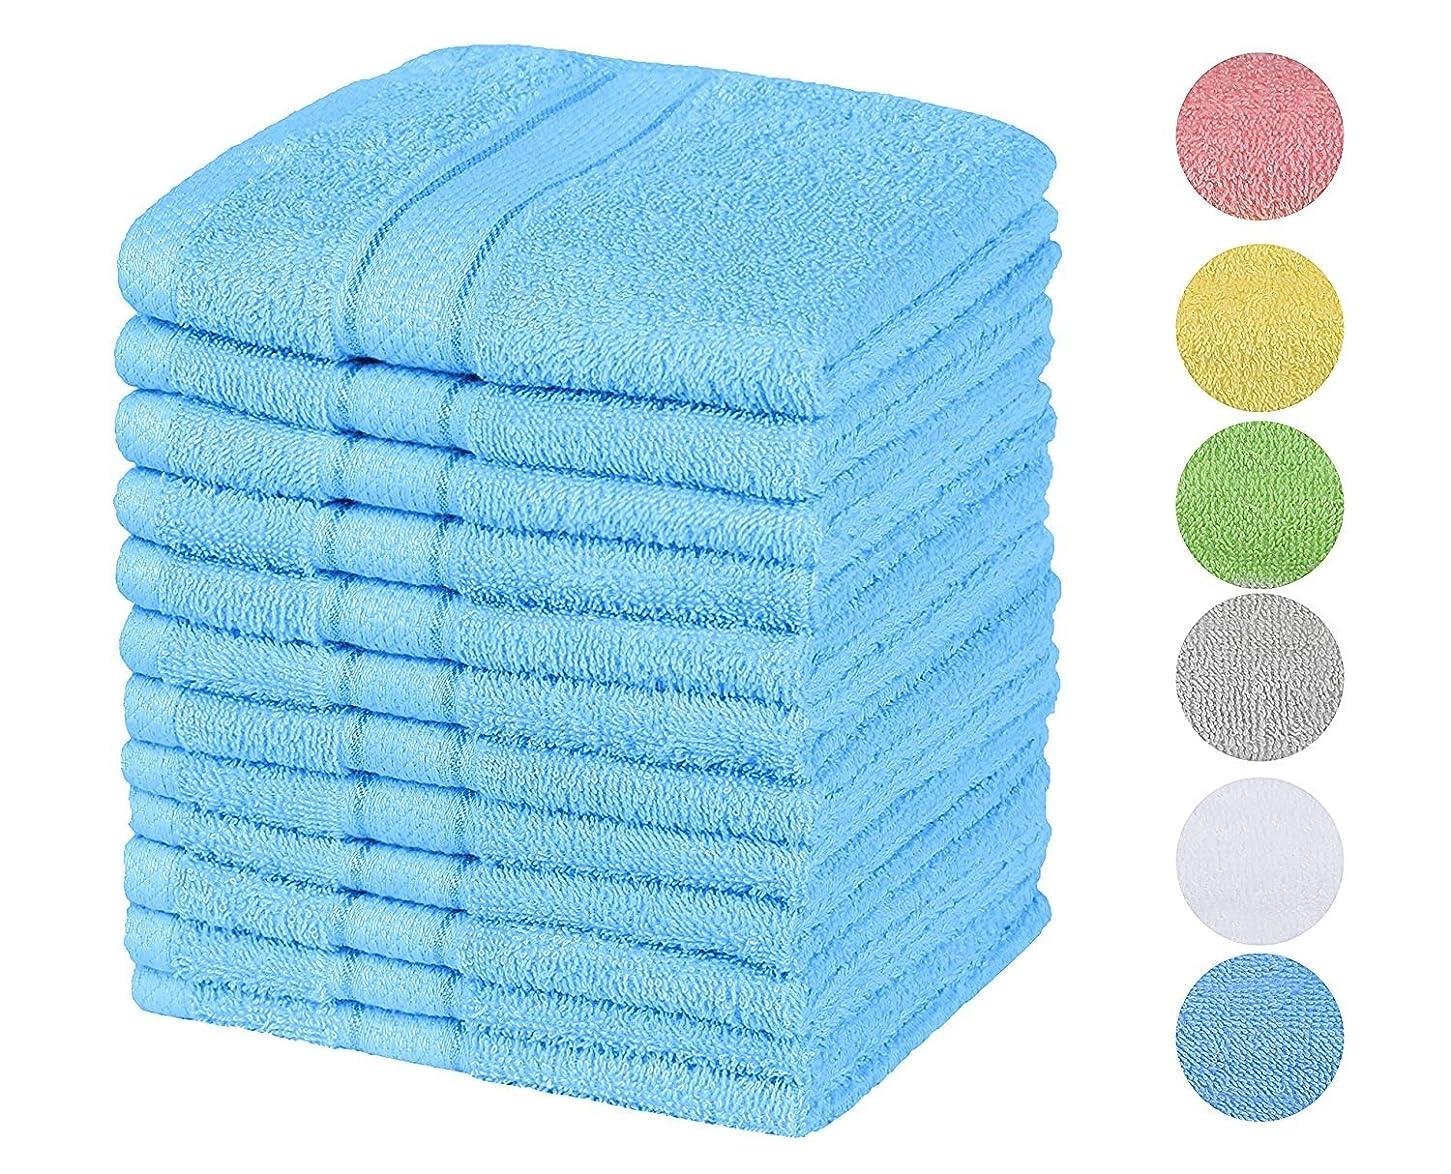 大佐引き金あいまいさ(Blue) - Chama Premium Luxury 100% Cotton Basic Baby & Hotel & Kitchen Hand Towels 33cm x 33cm Washcloth Set of 12 Pack(Blue)